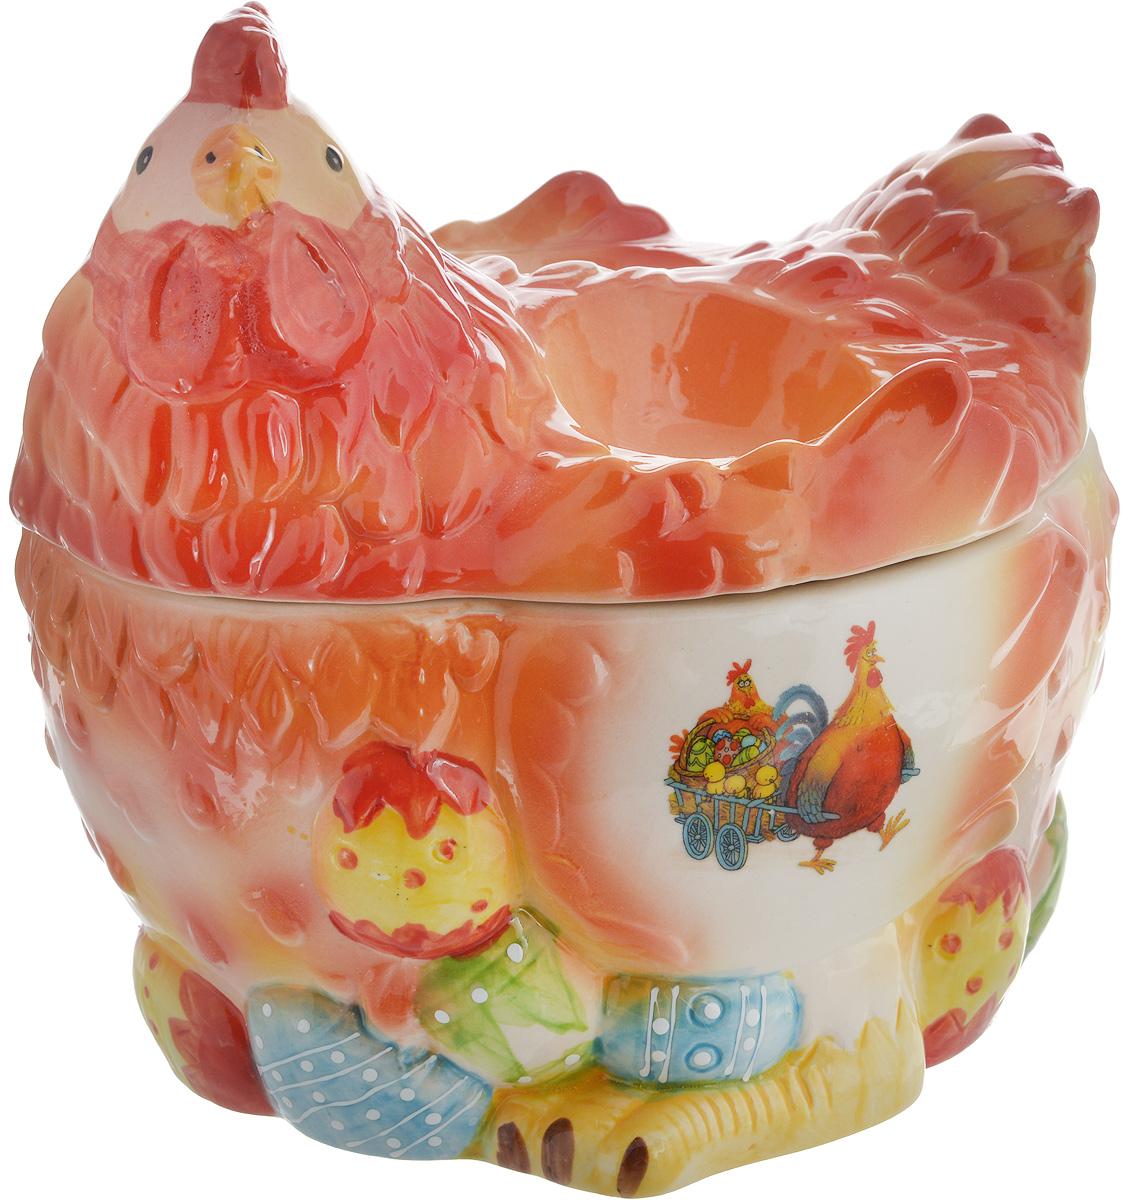 Ваза Win Max Курочка, для пасхальных яиц и угощений, 18 х 20 х 16 см14024Ваза Win Max изготовлена из высококачественной керамики с глазурованным покрытием и оформлена рельефным рисунком. Изделие дополнено крышкой, которая выполнена в виде фигурки курочки. На крышке расположены две подставки для яиц. Оригинальный дизайн украсит интерьер вашей кухни, а функциональность порадует любую хозяйку. Размеры емкости (без учета крышки): 18 х 15,5 х 10 смВысота крышки: 10 см